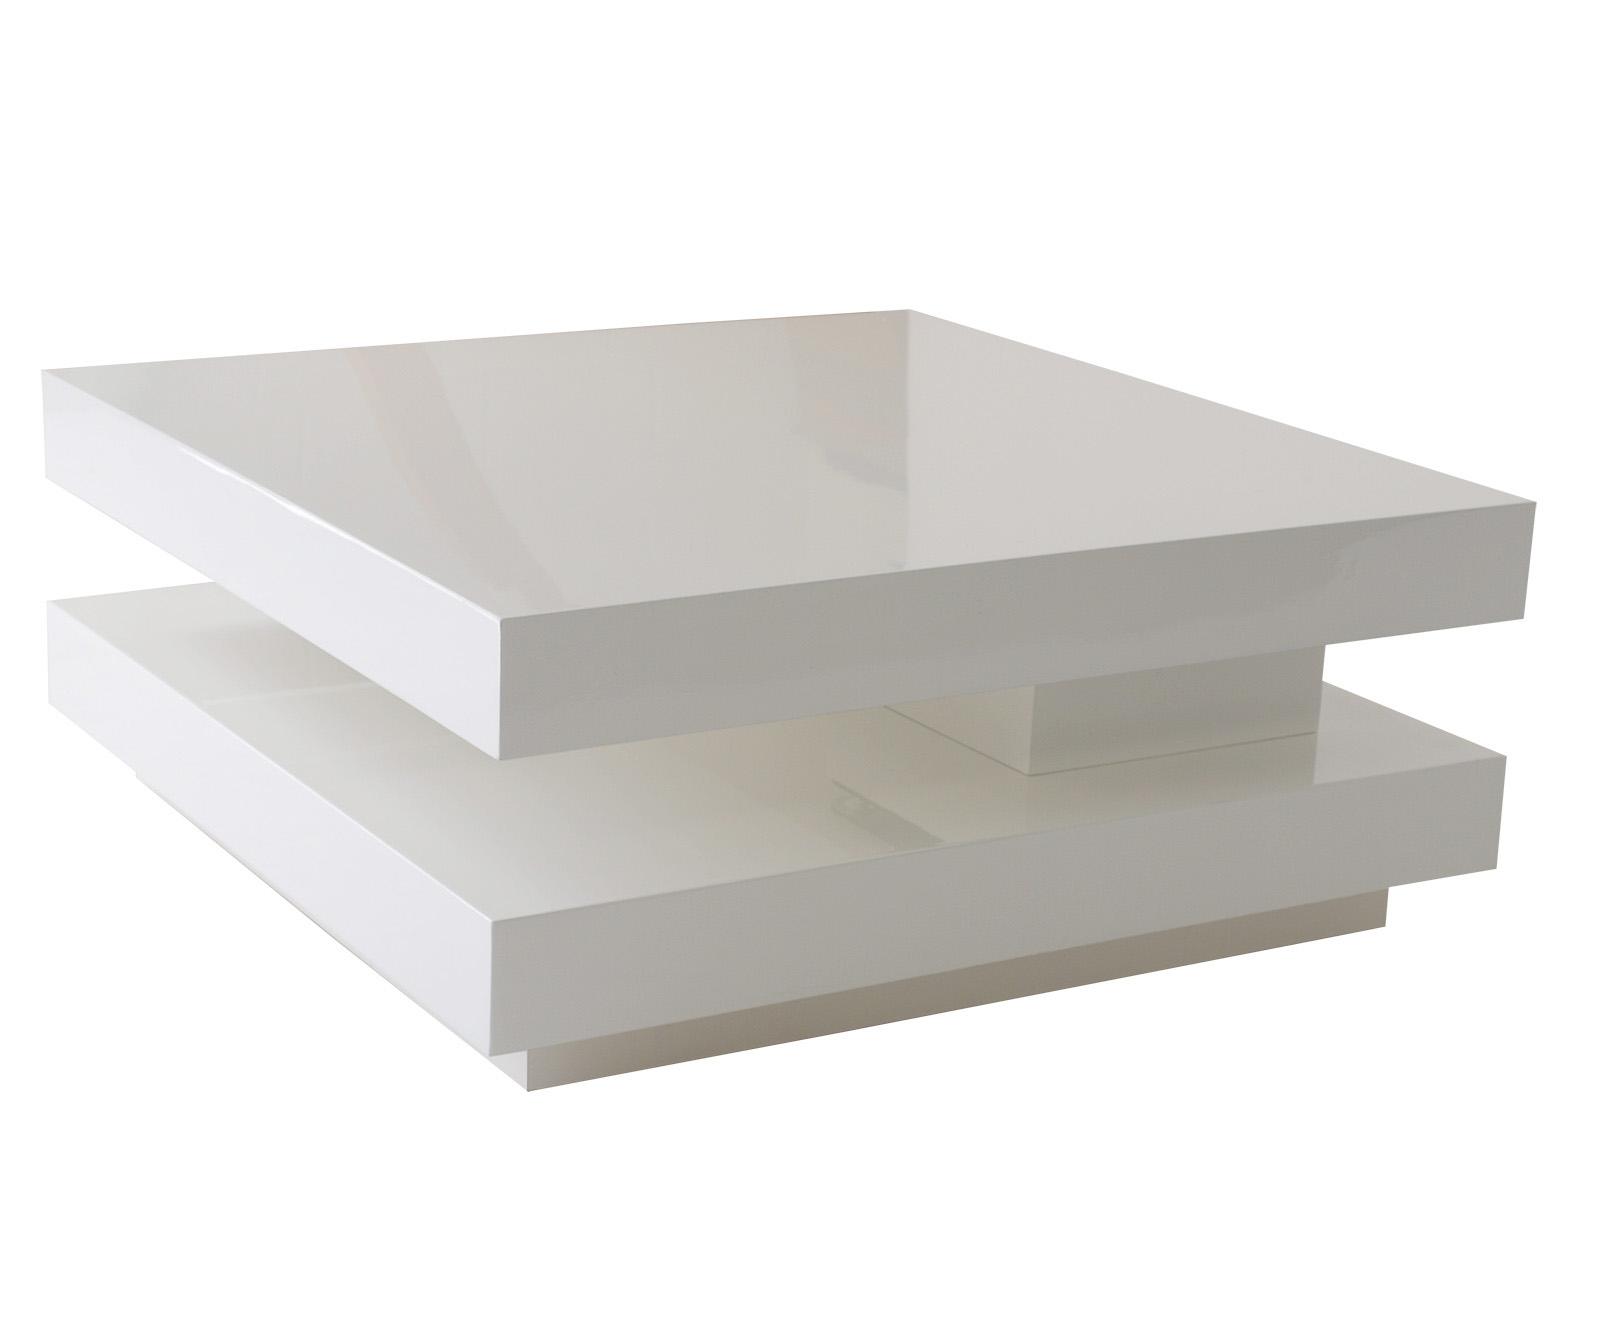 hochwertiger couchtisch sofatisch modular 75x75cm wei hochglanz 2 wahl ebay. Black Bedroom Furniture Sets. Home Design Ideas